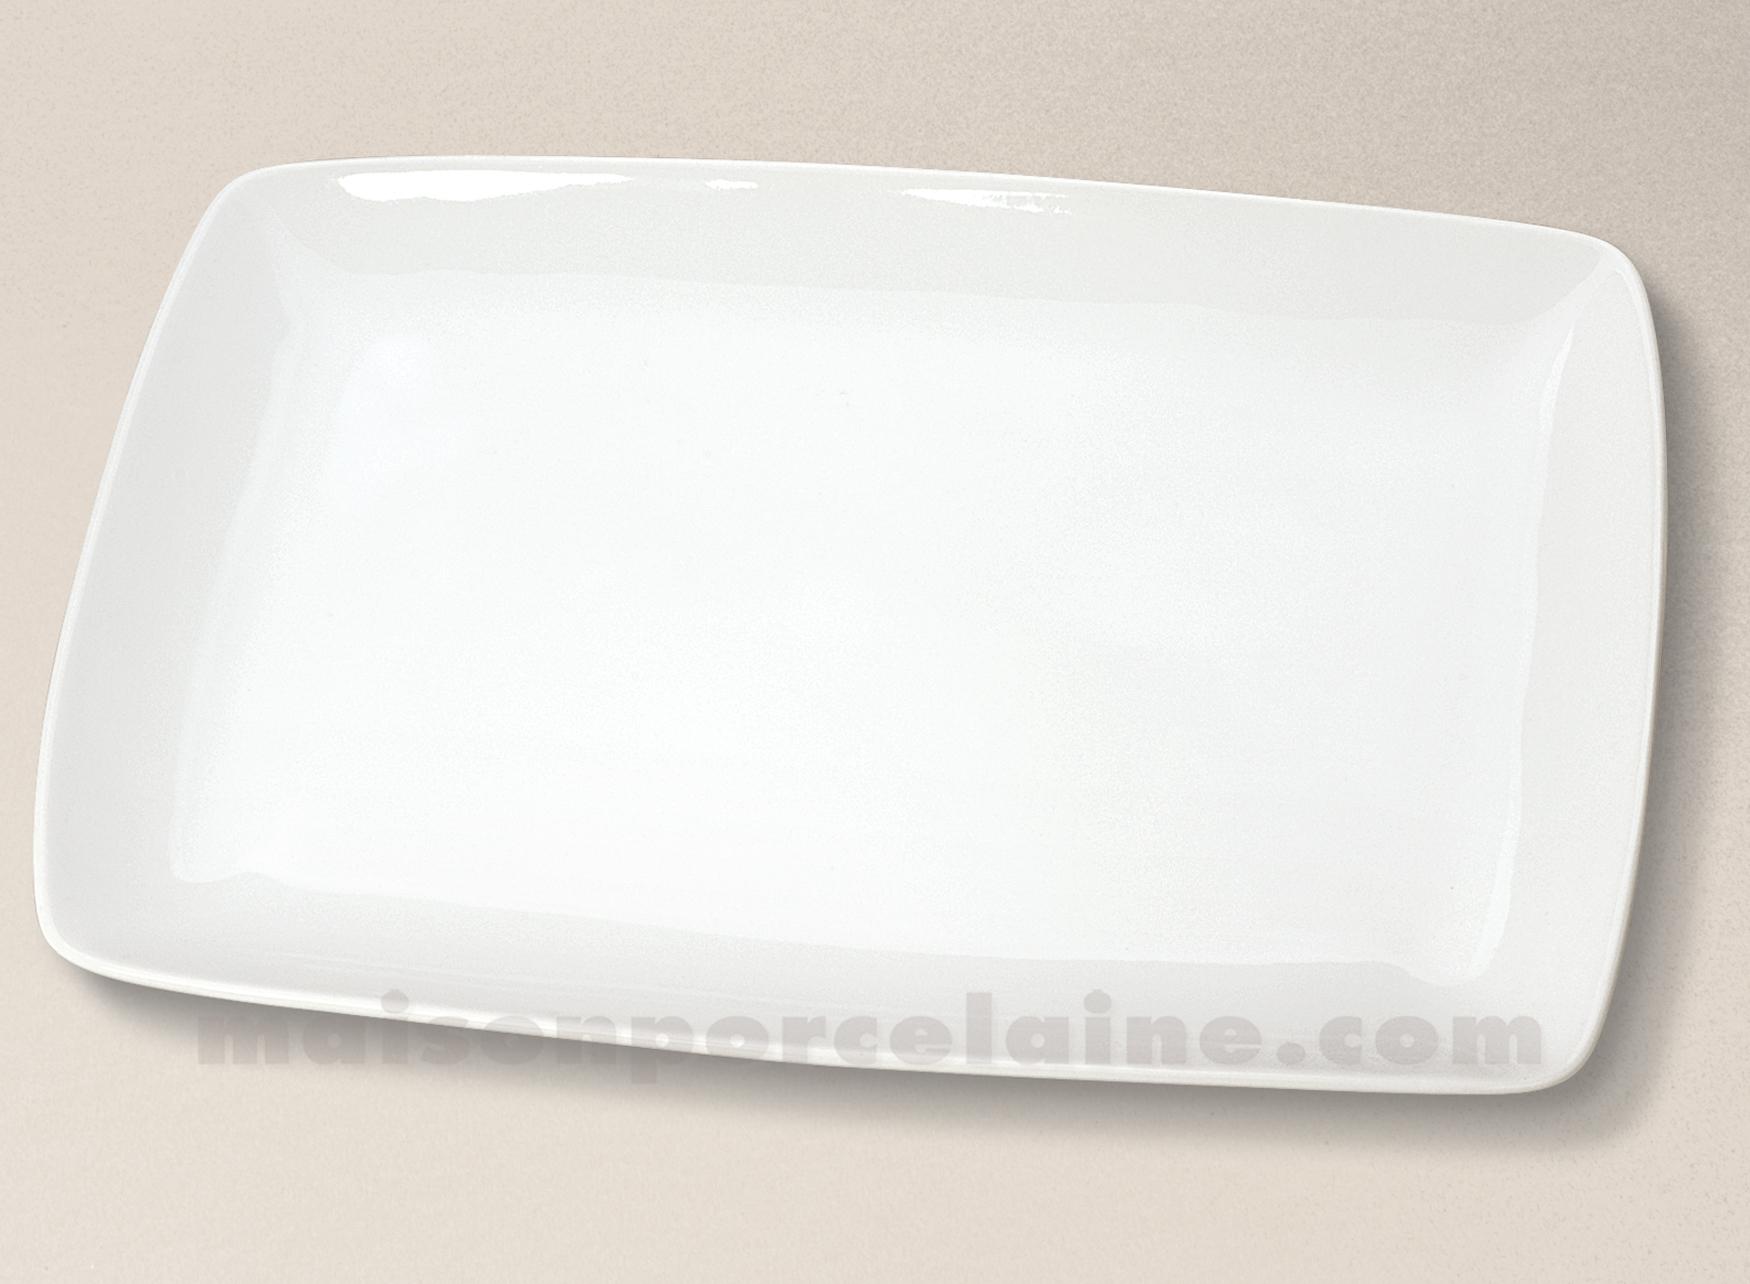 Assiette entrecote porcelaine blanche 32 5x22 5 maison for Maison de la porcelaine